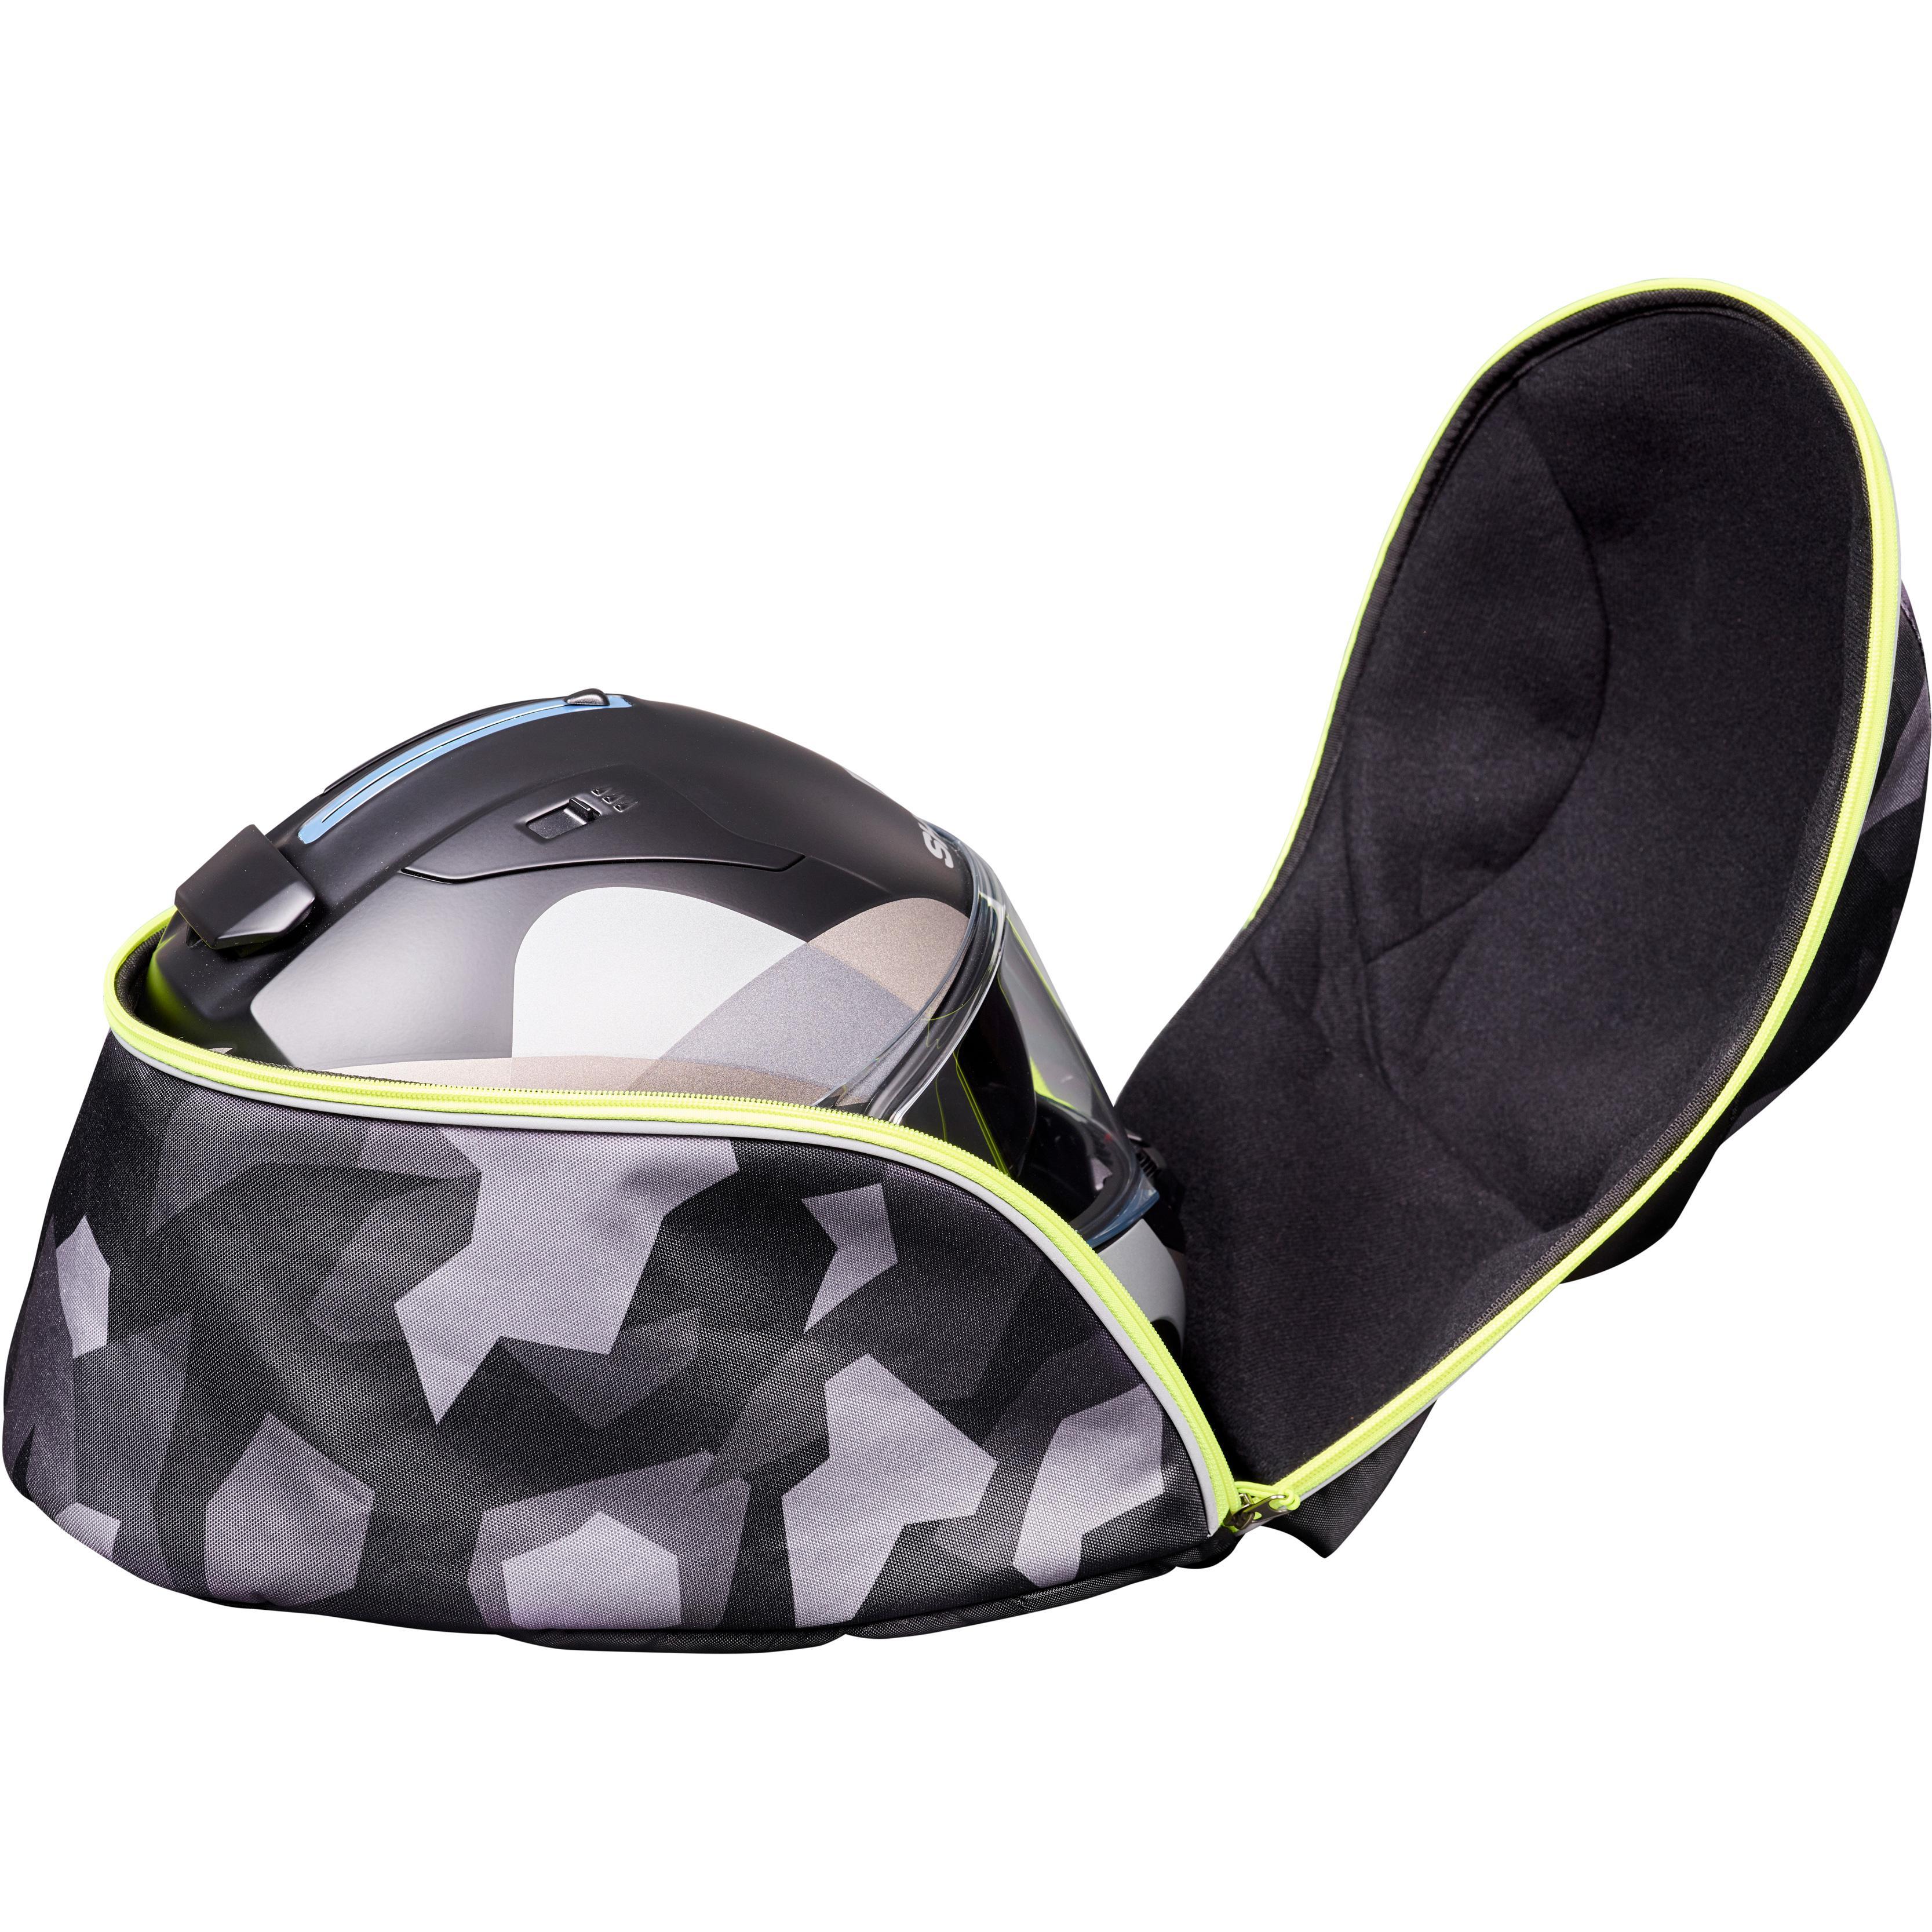 BAGSTER-sac-a-dos-camo-helmet-image-10939055